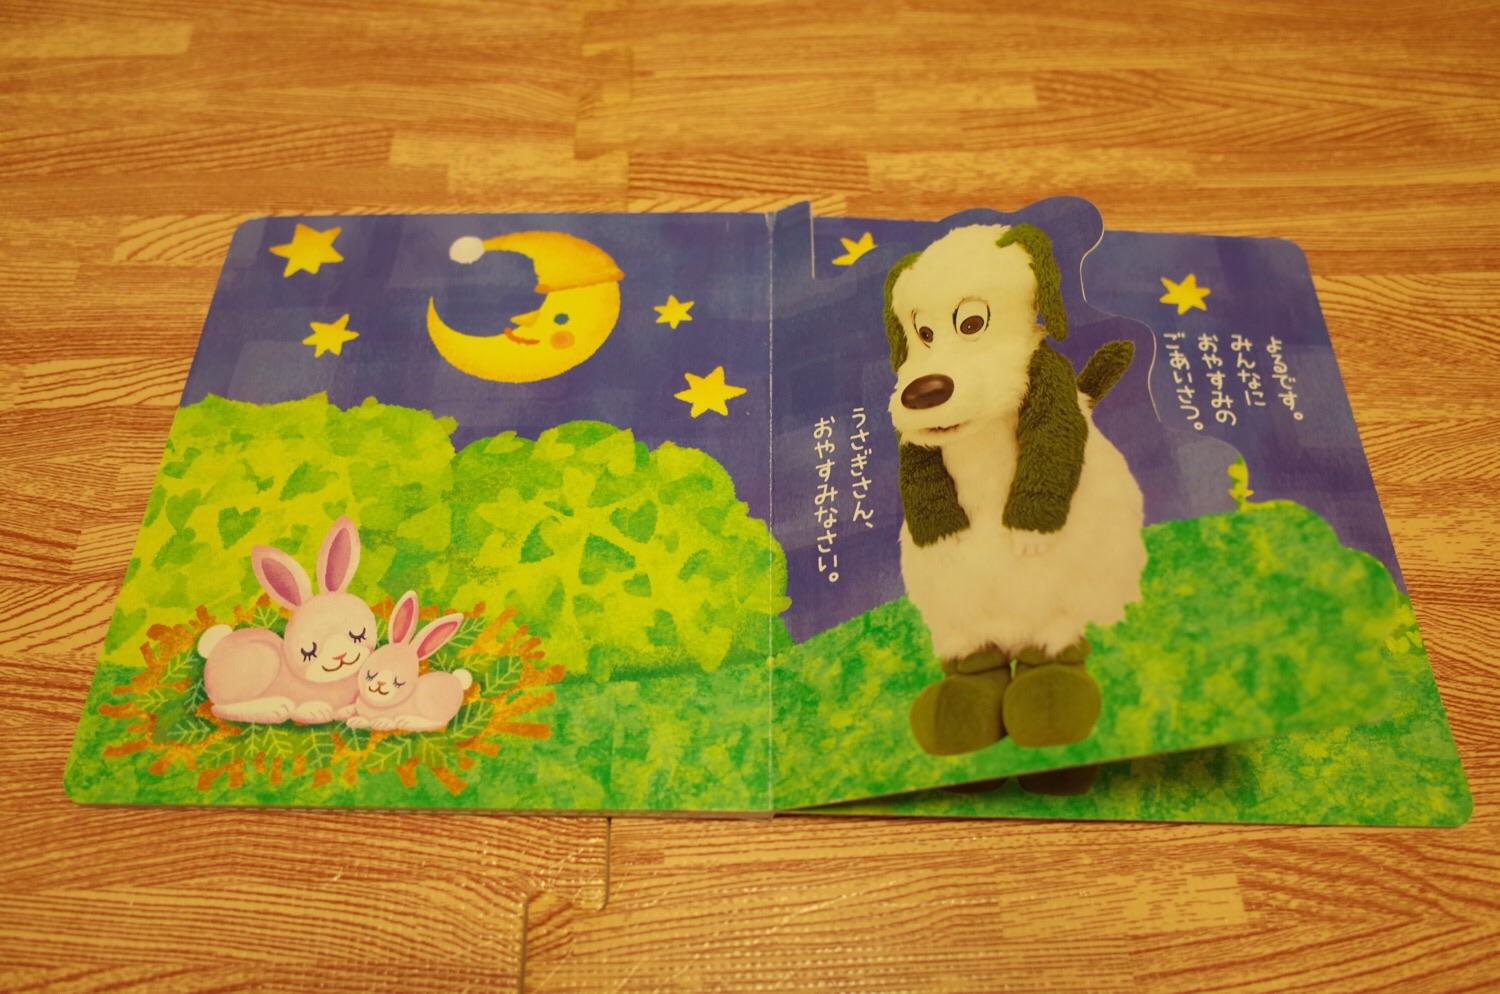 絵本「ワンワンとうーたん おやすみなさい」のページ写真①